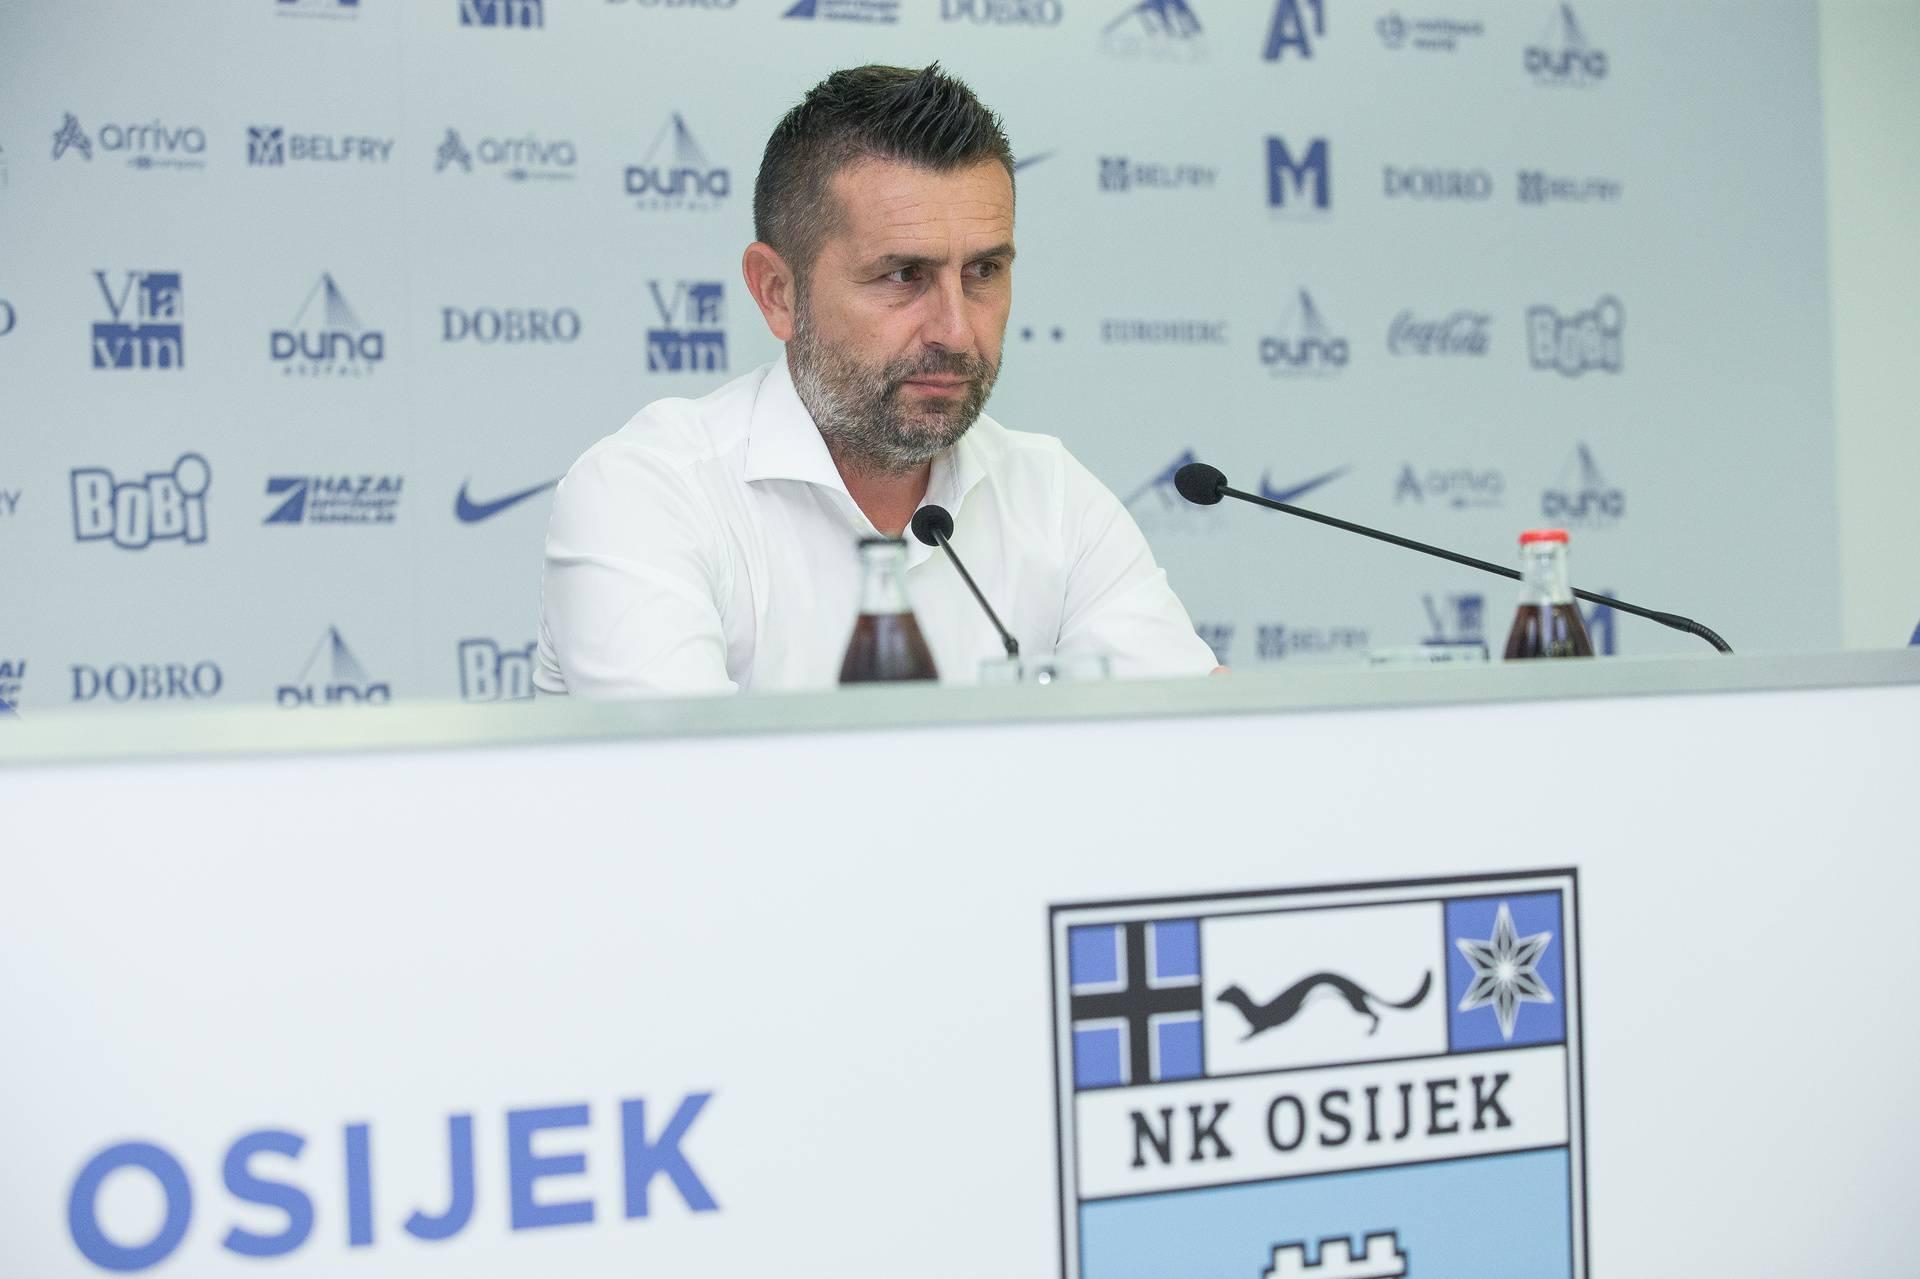 Osijek: Konferencija ze medije trenera GNK Dinamo i NK Osijek